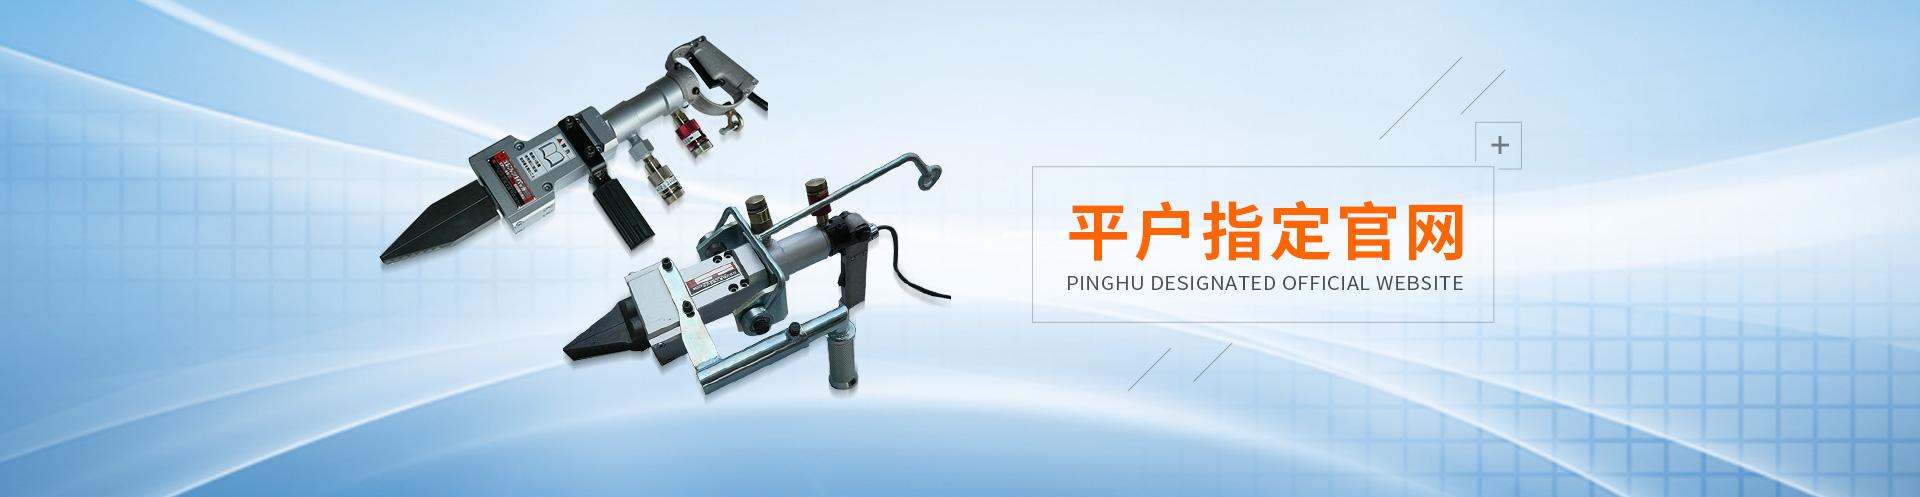 平户机械(上海)有限公司